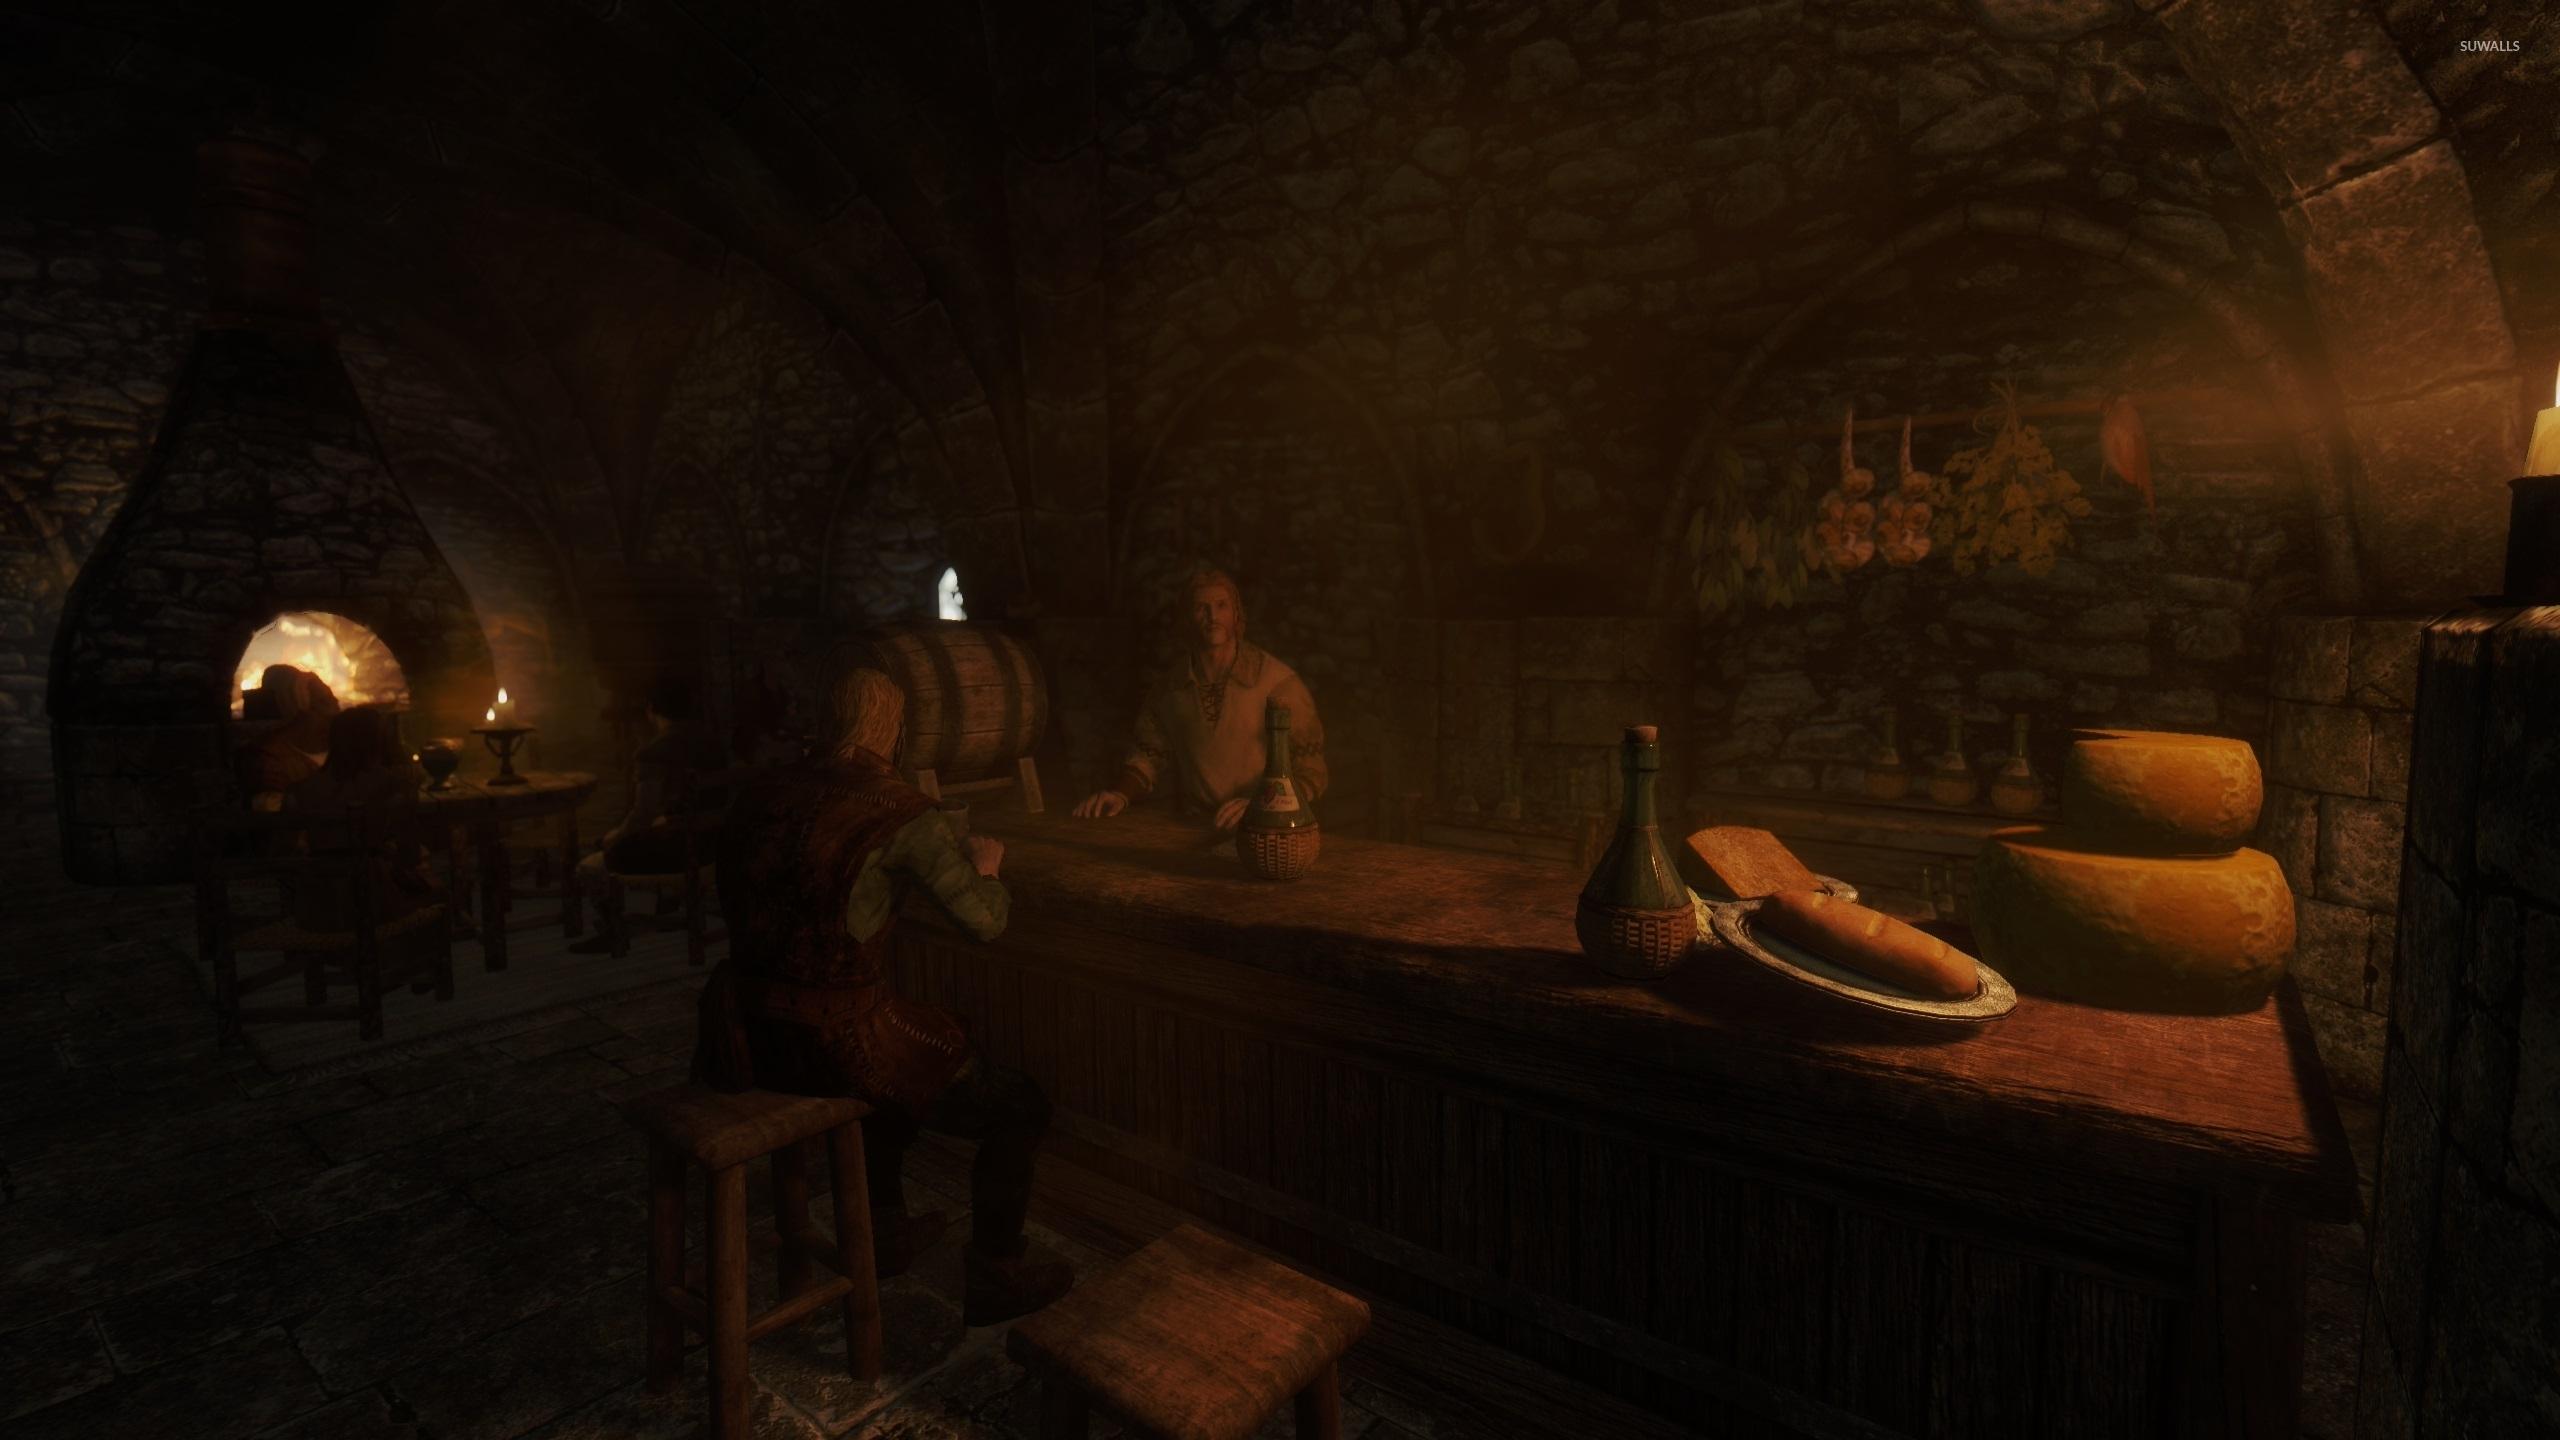 The Elder Scrolls V Skyrim 64 Wallpaper Game Wallpapers 37022